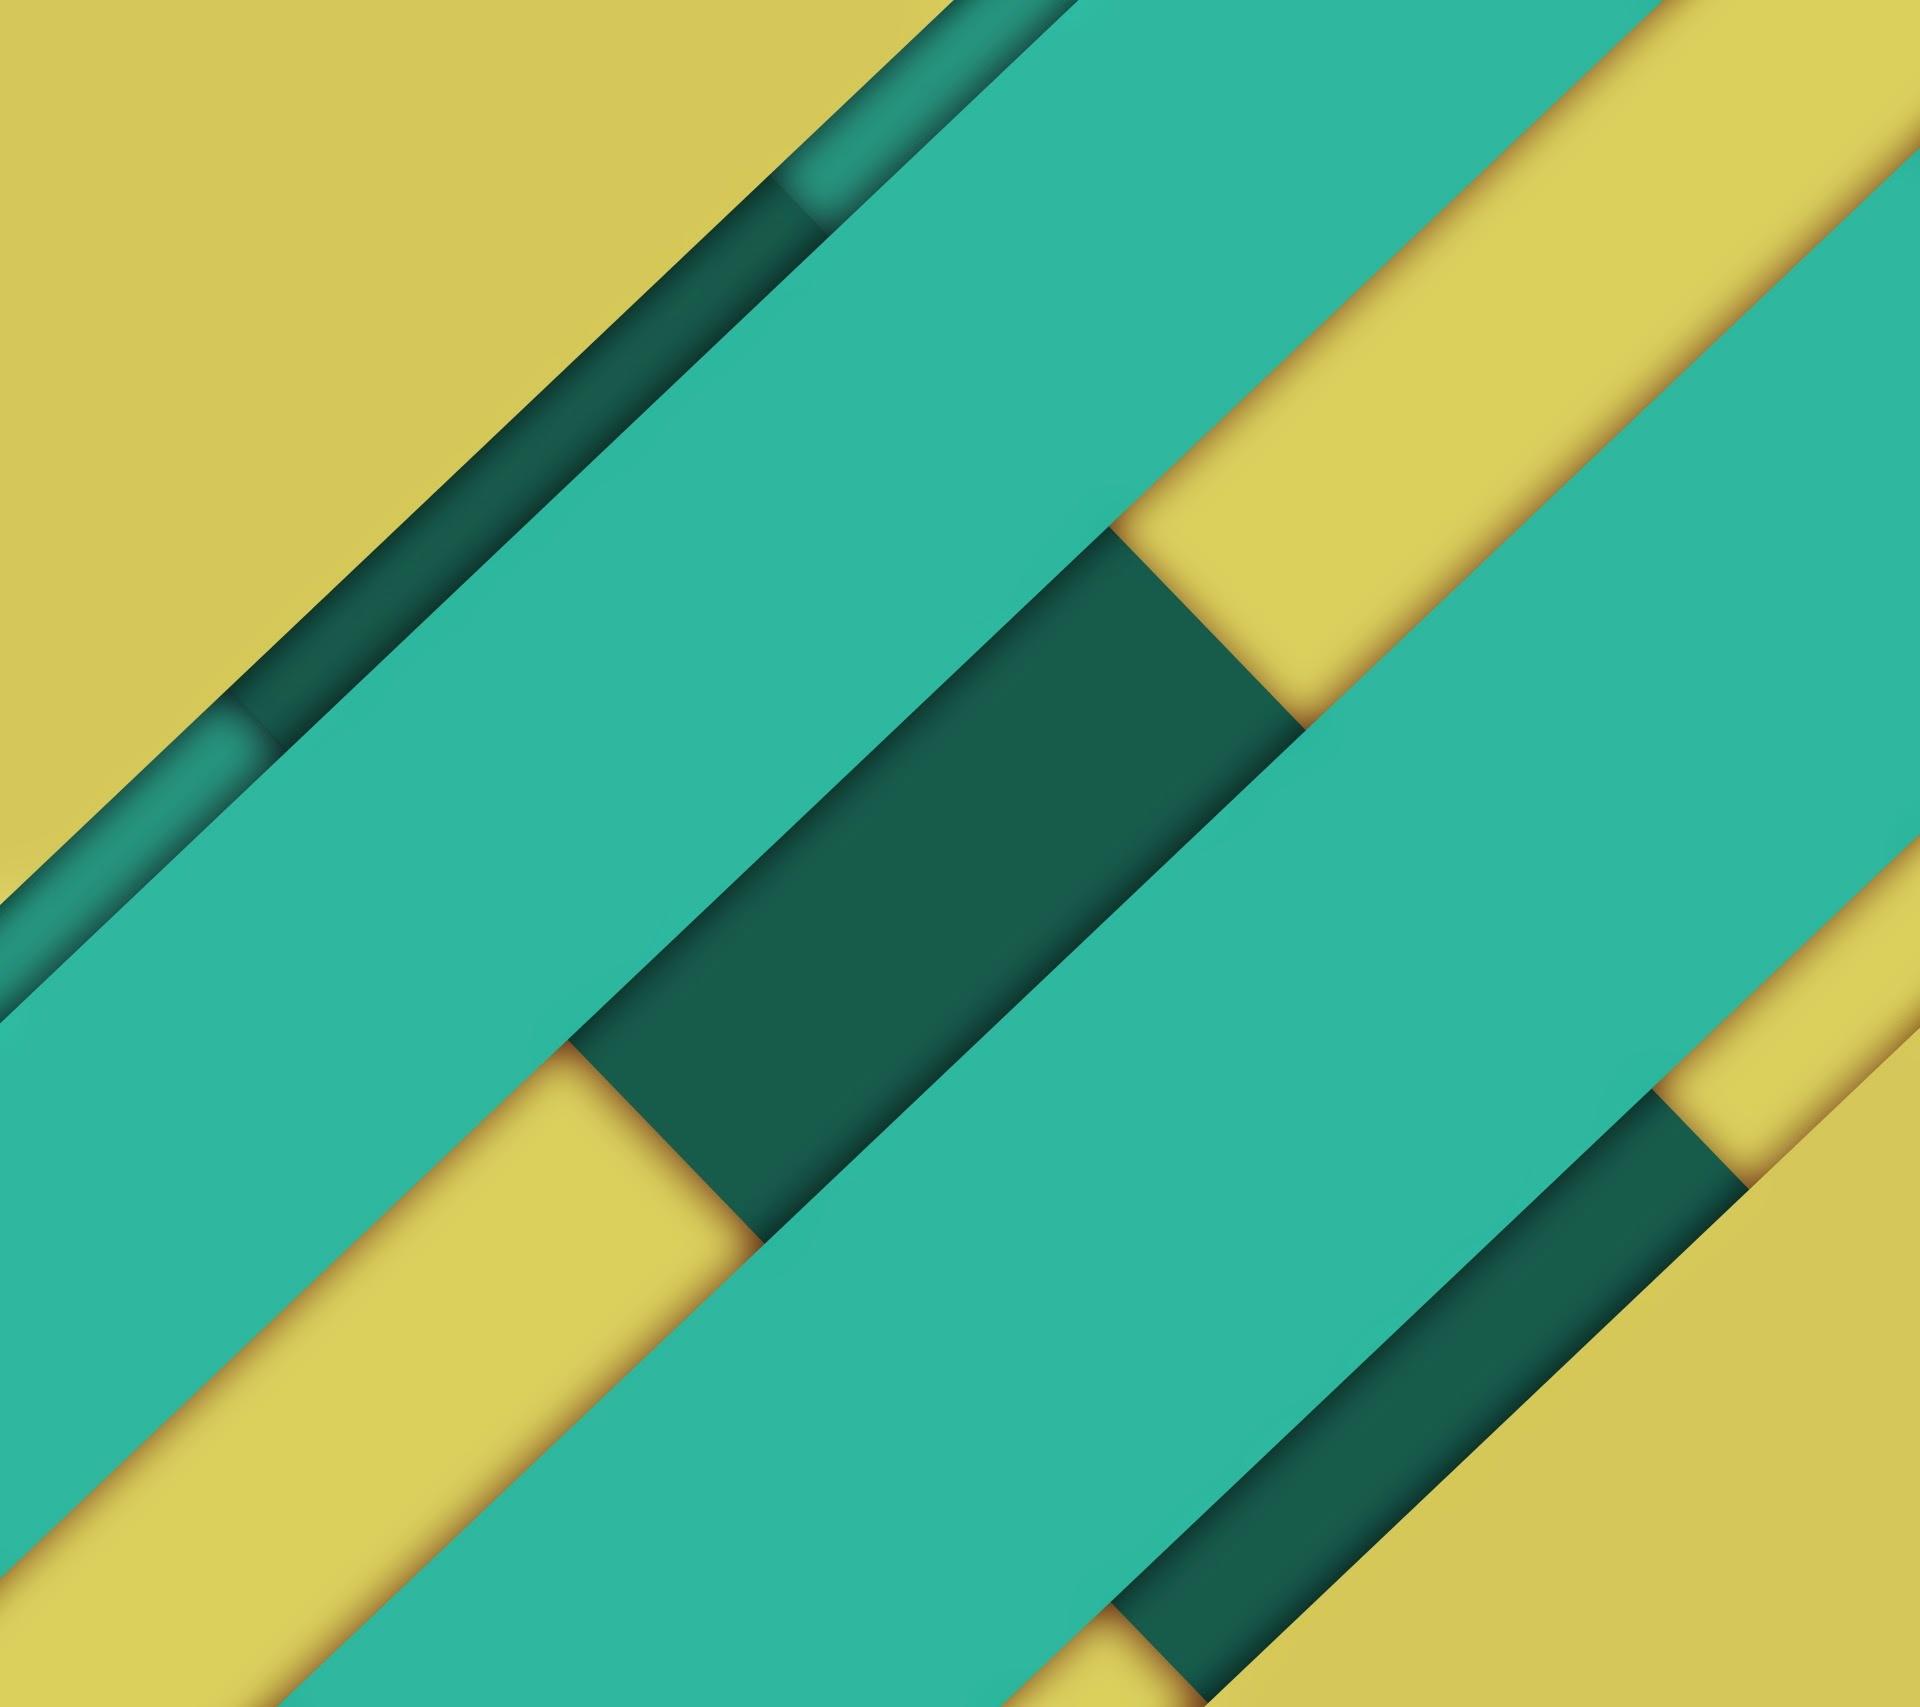 Fondos De Pantalla : Verde, Amarillo, Textura, Circulo